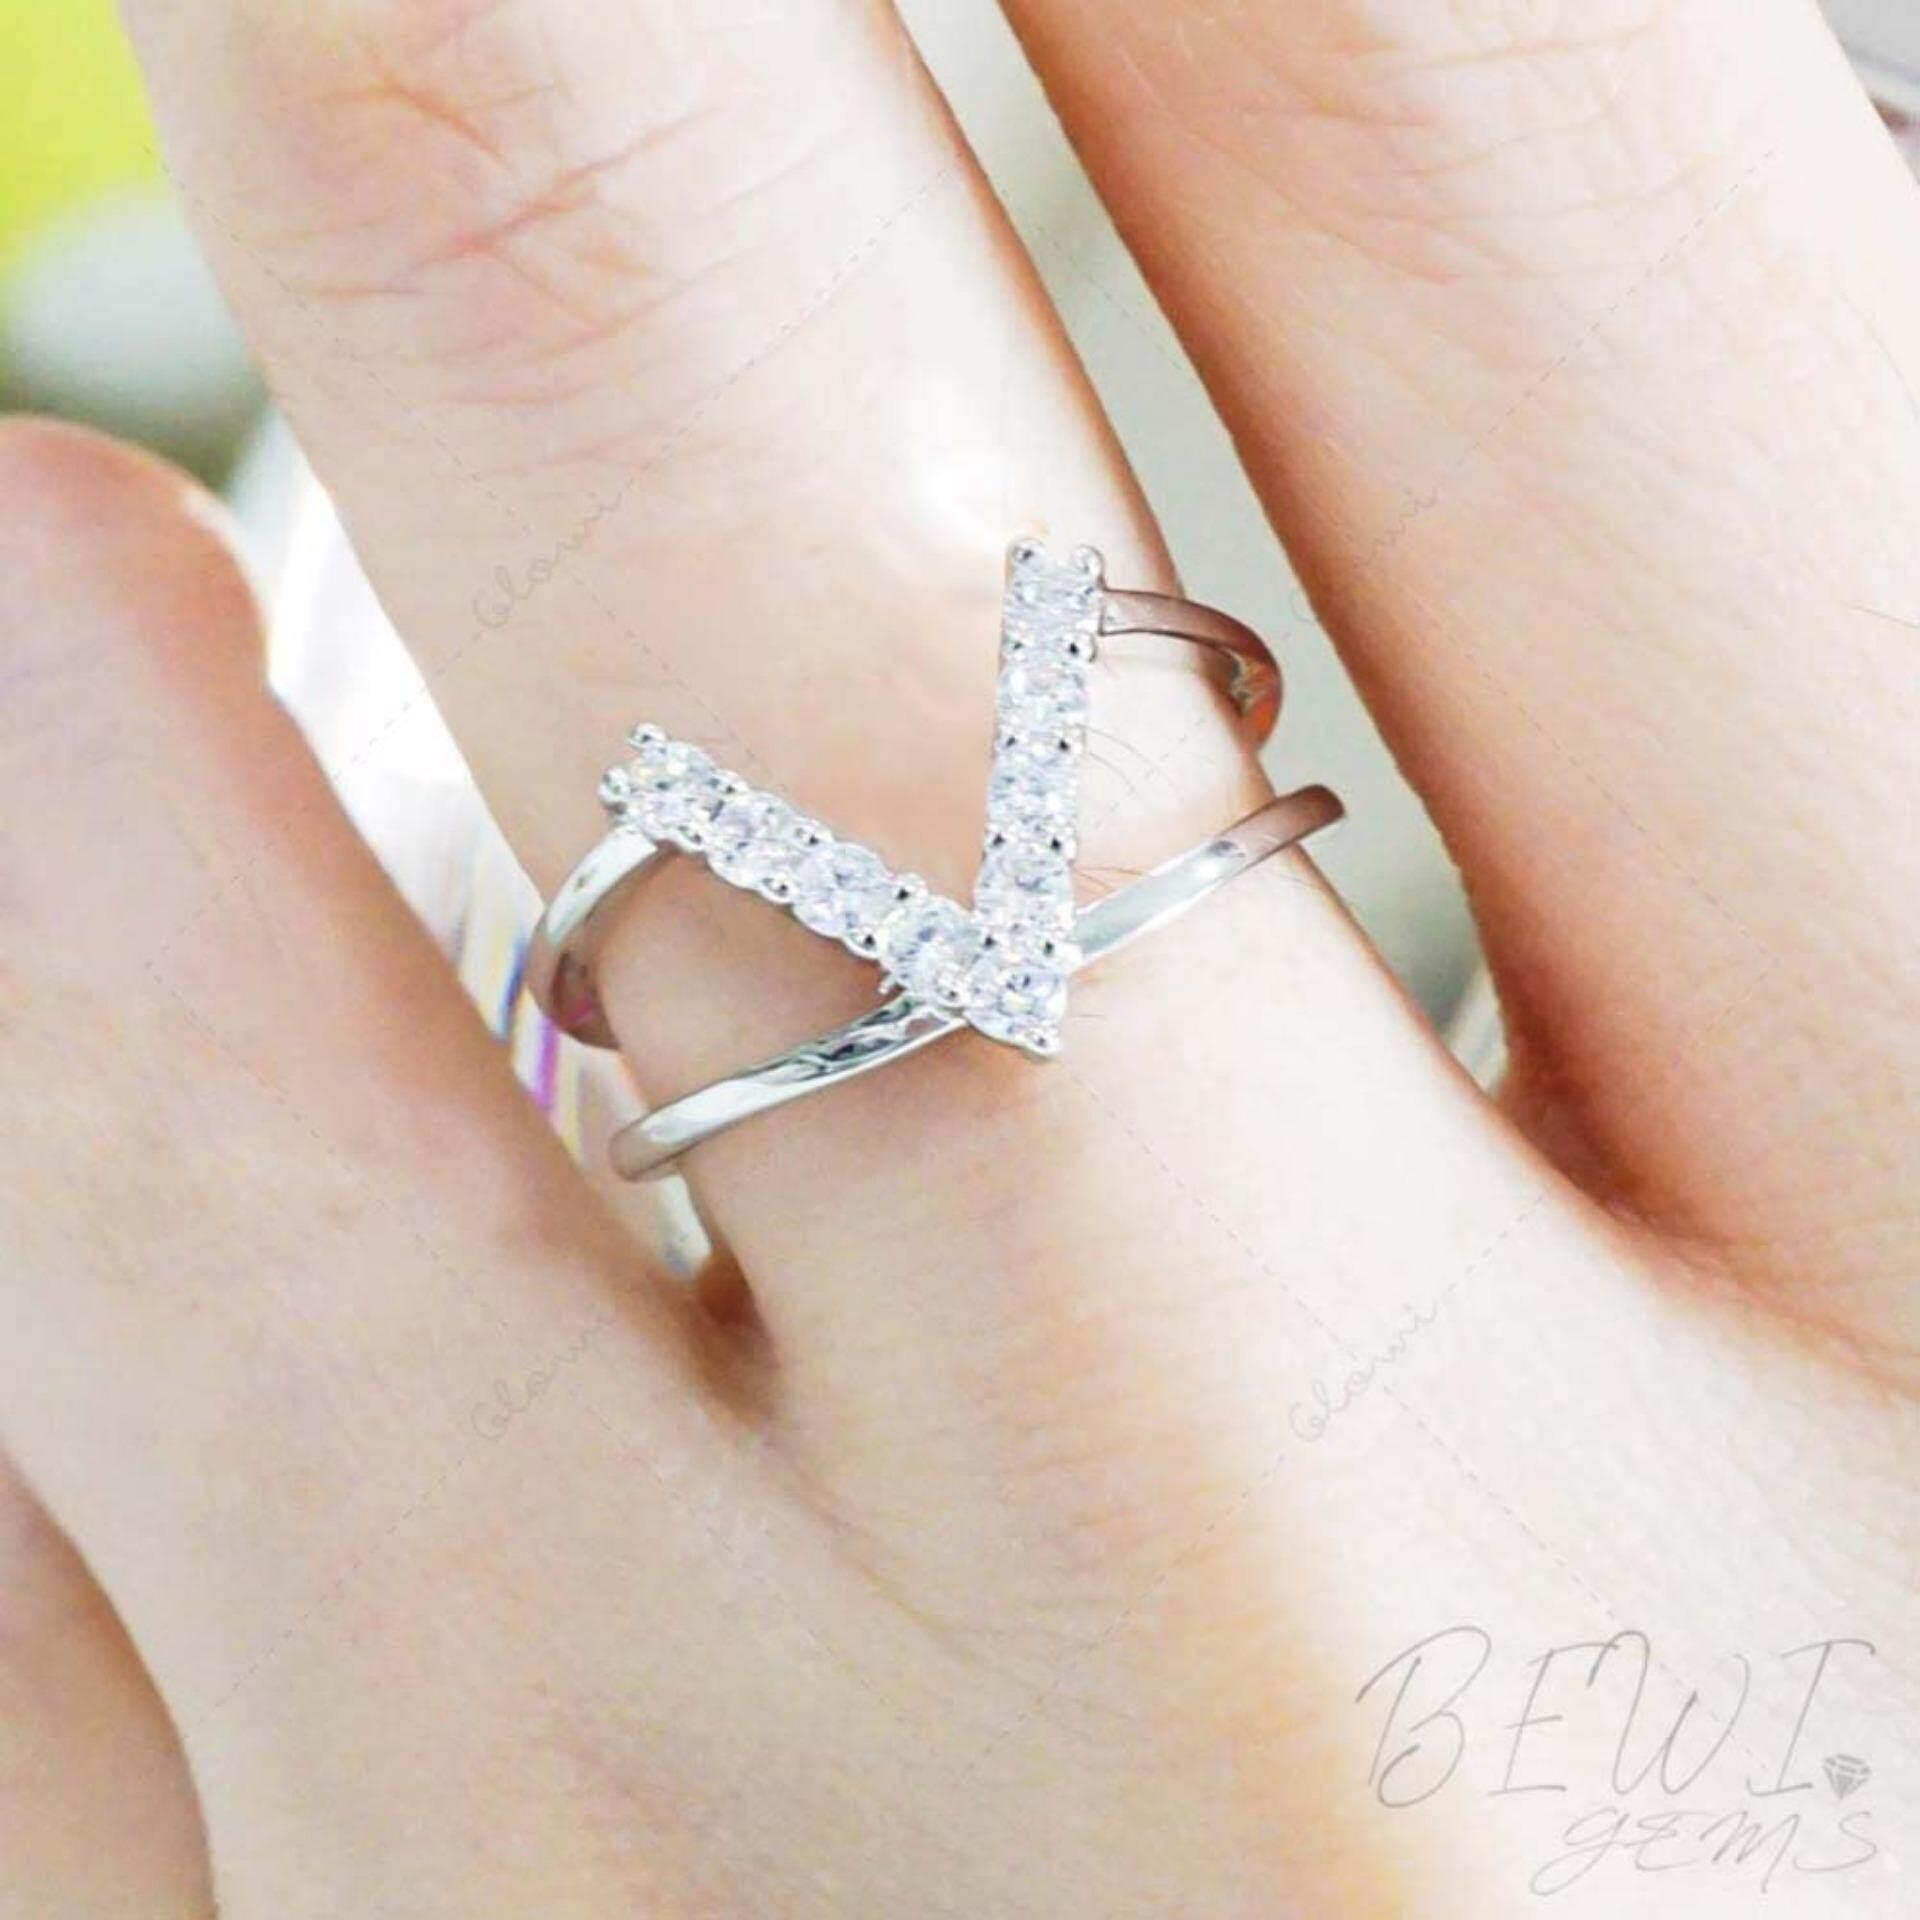 ราคา Bewi G แหวนผู้หญิง สไตล์ แหวนเพชร Ring ดีไซน์เก๋ ชุบทองคำขาว ฝังเพชร Cz อักษรตัว Y โมเดิร์น หรูหรา รุ่น Bg R0037 สีเงิน Silver ใหม่ล่าสุด